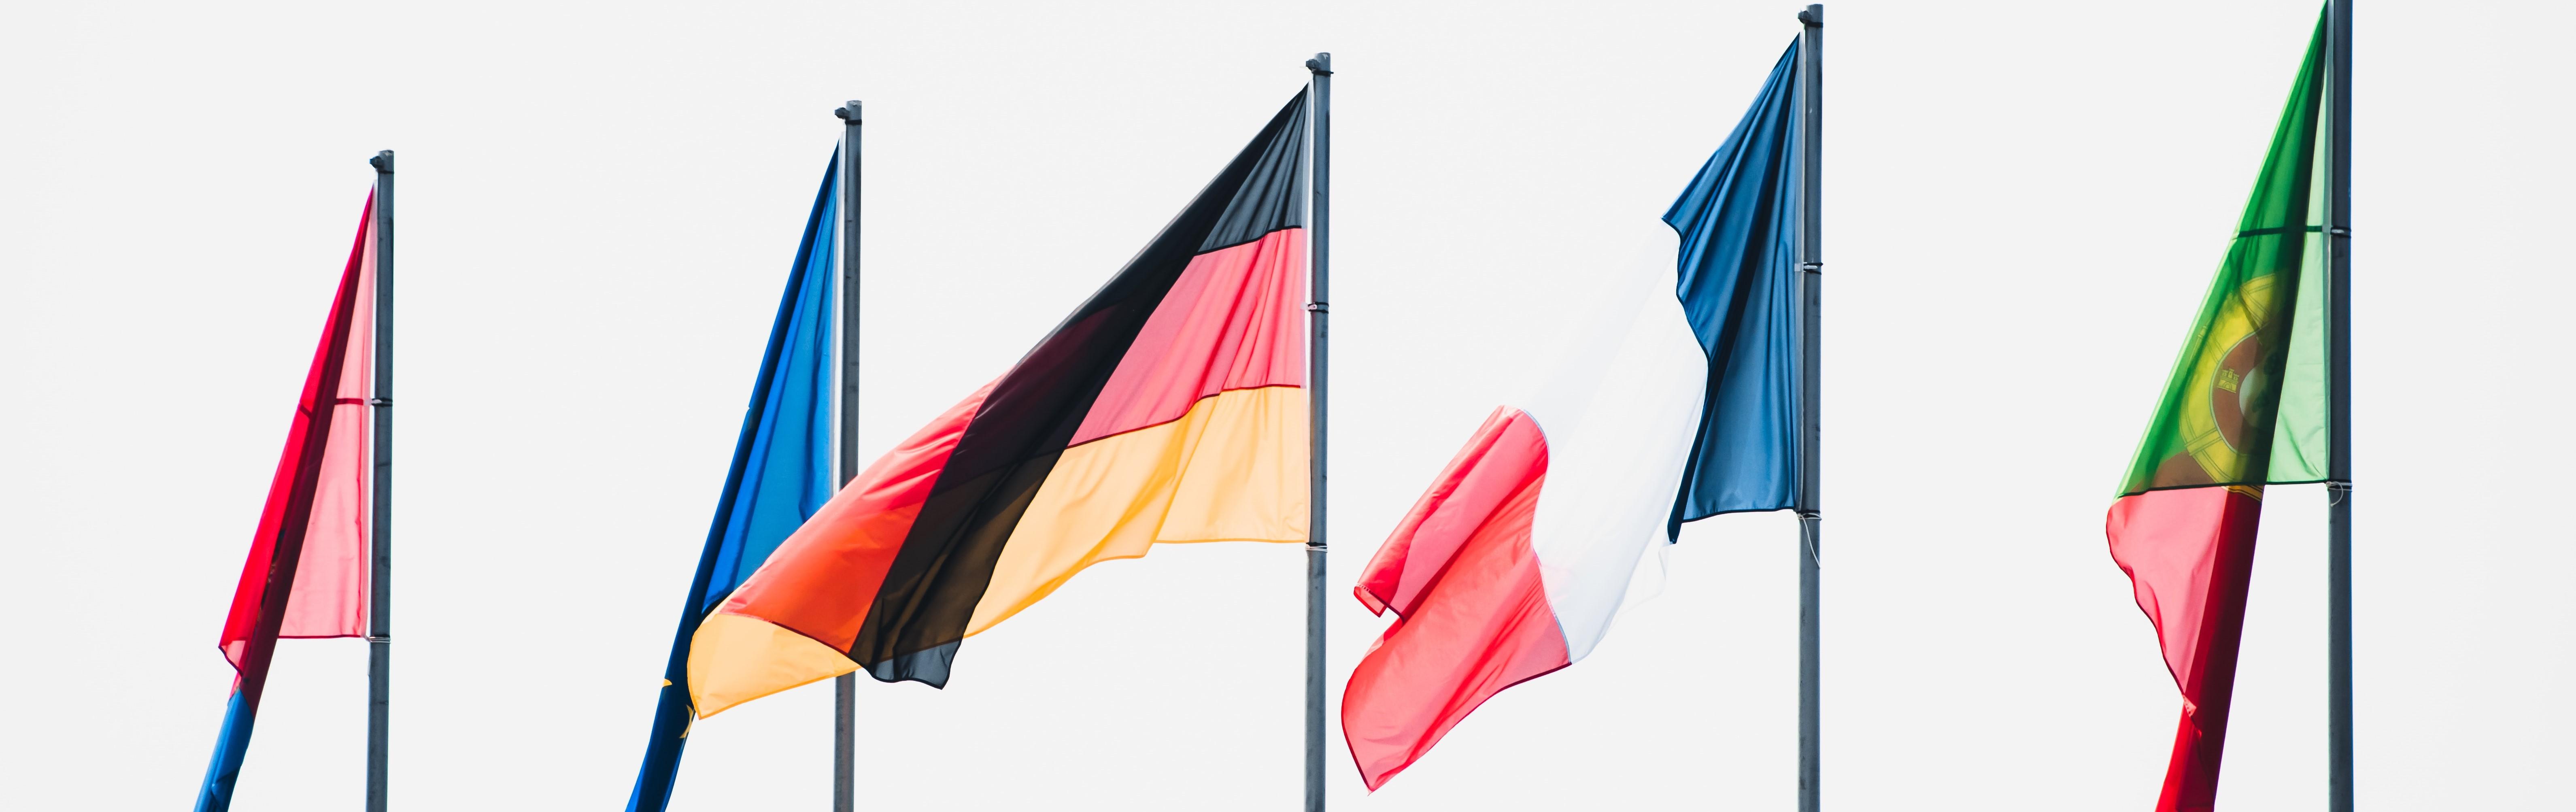 Vlaggen van verschillende landen